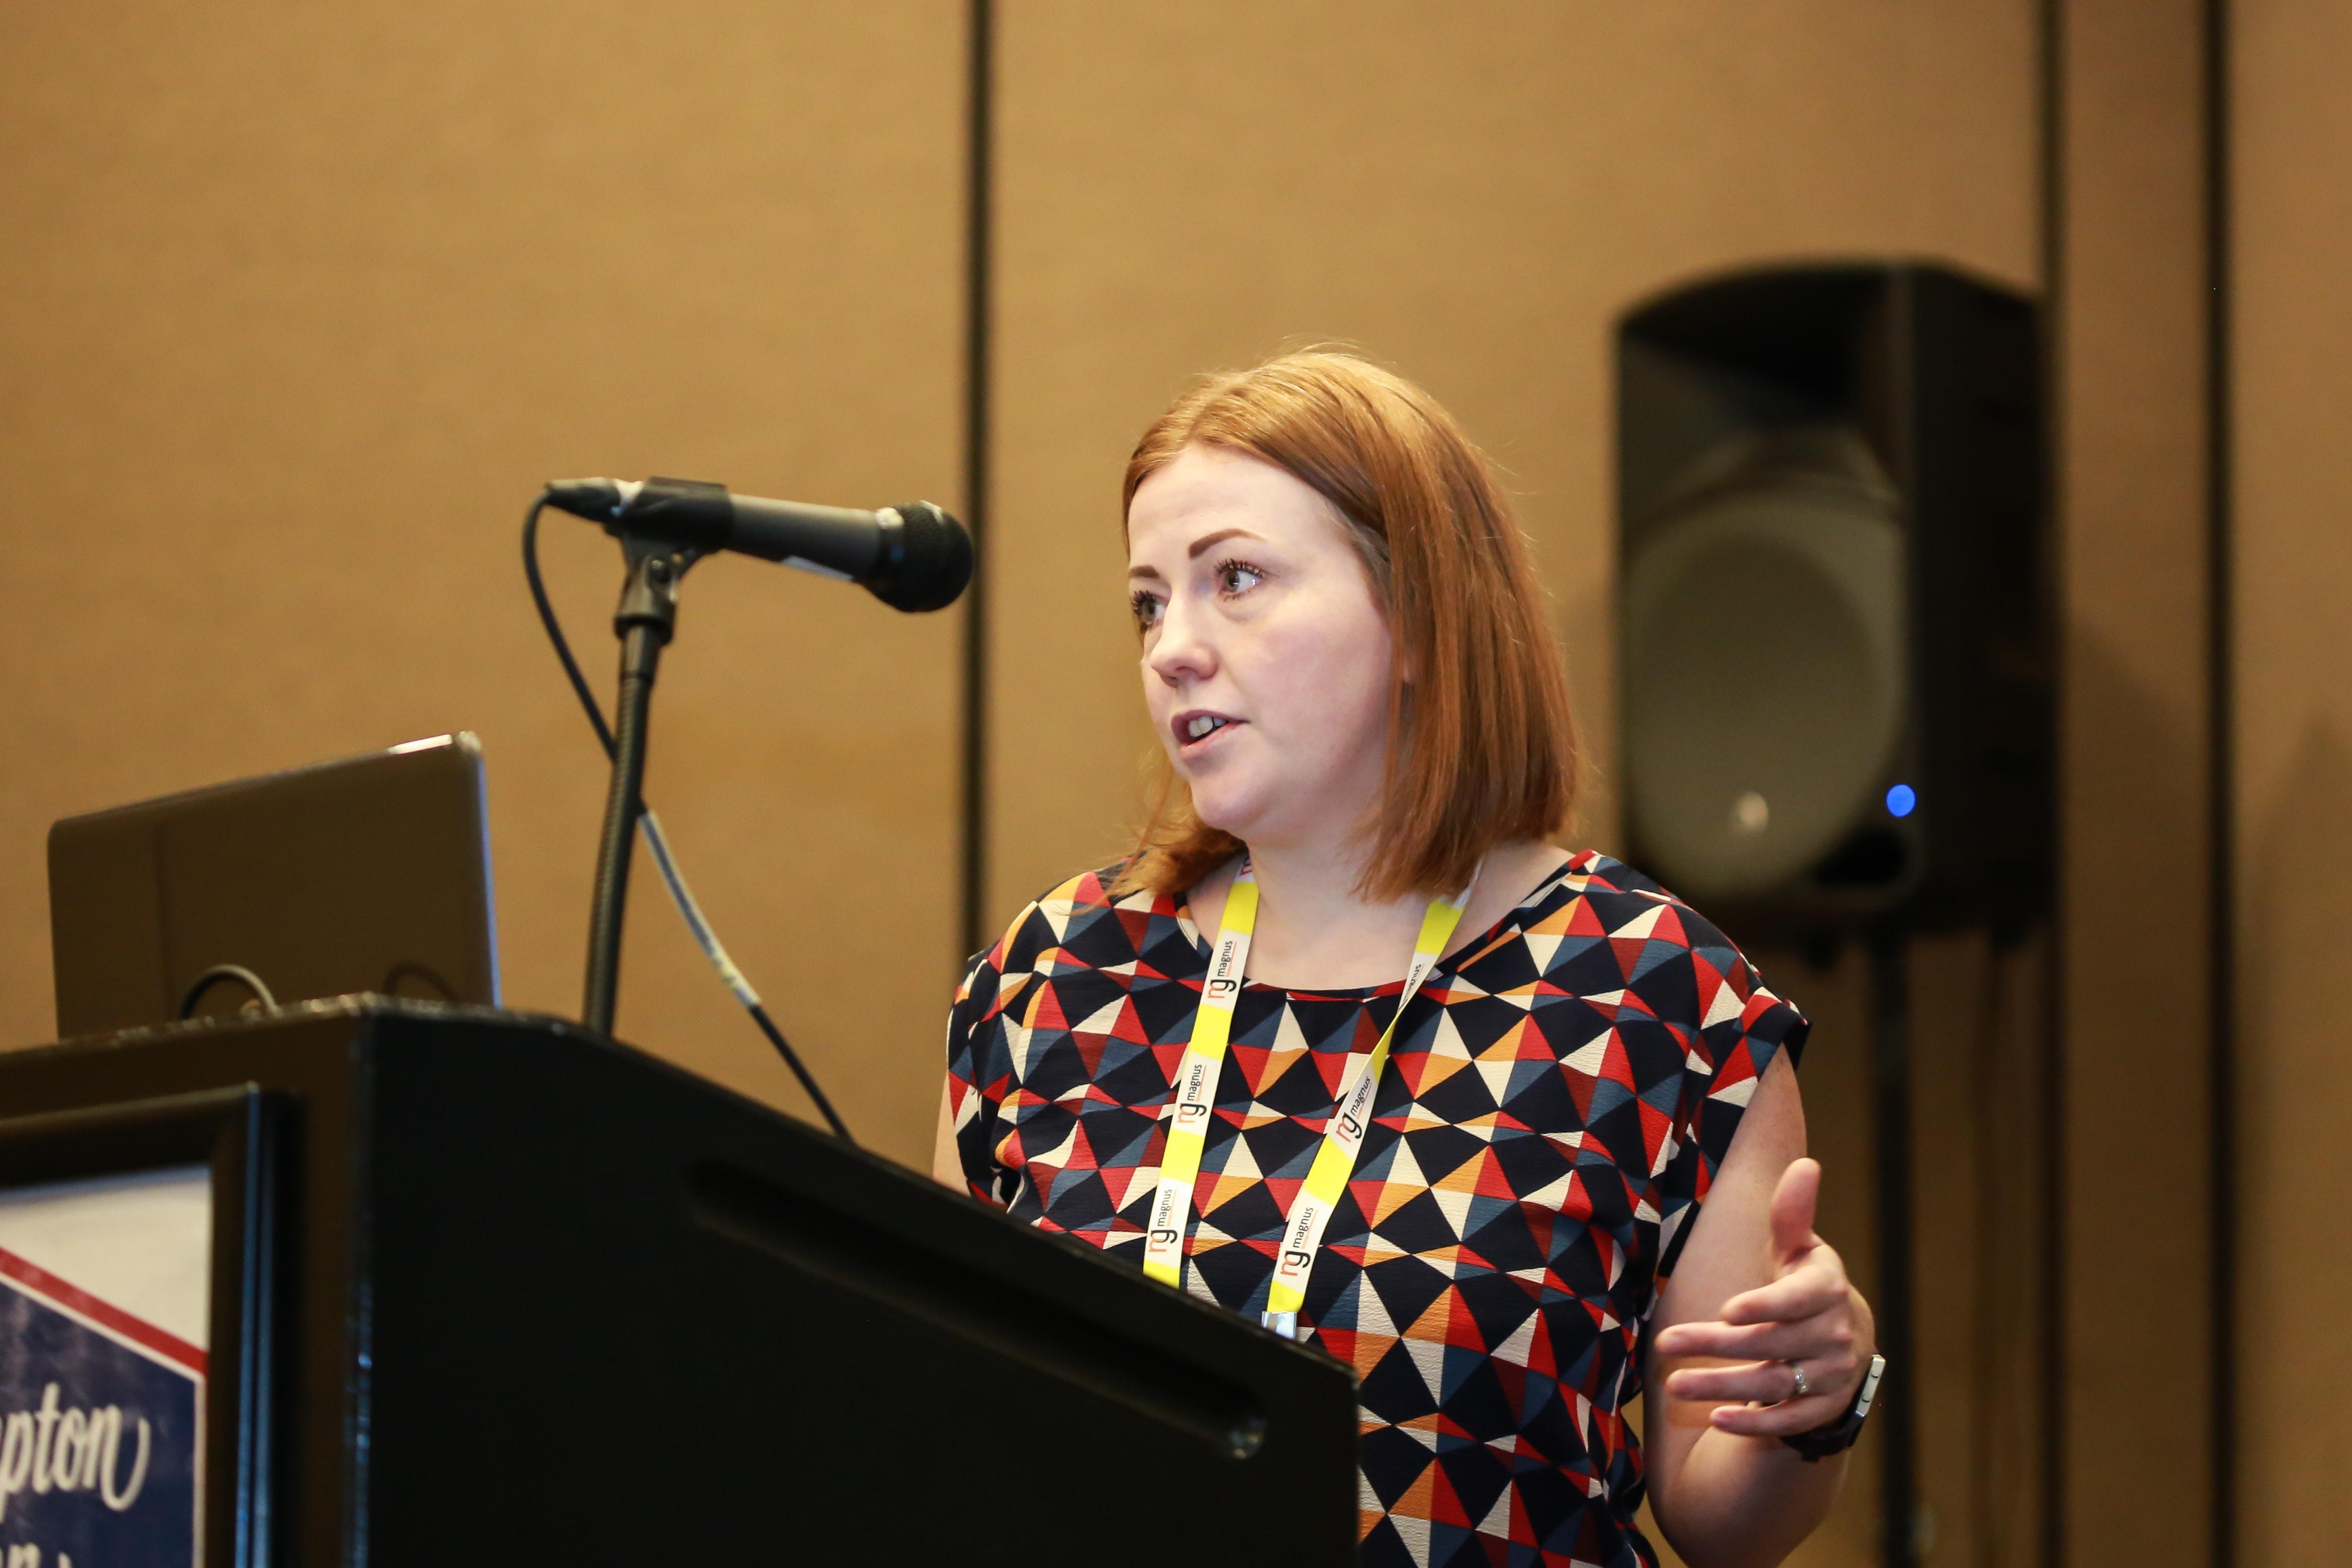 Jennifer Edwards, Cardiff Catalysis Institute, UK